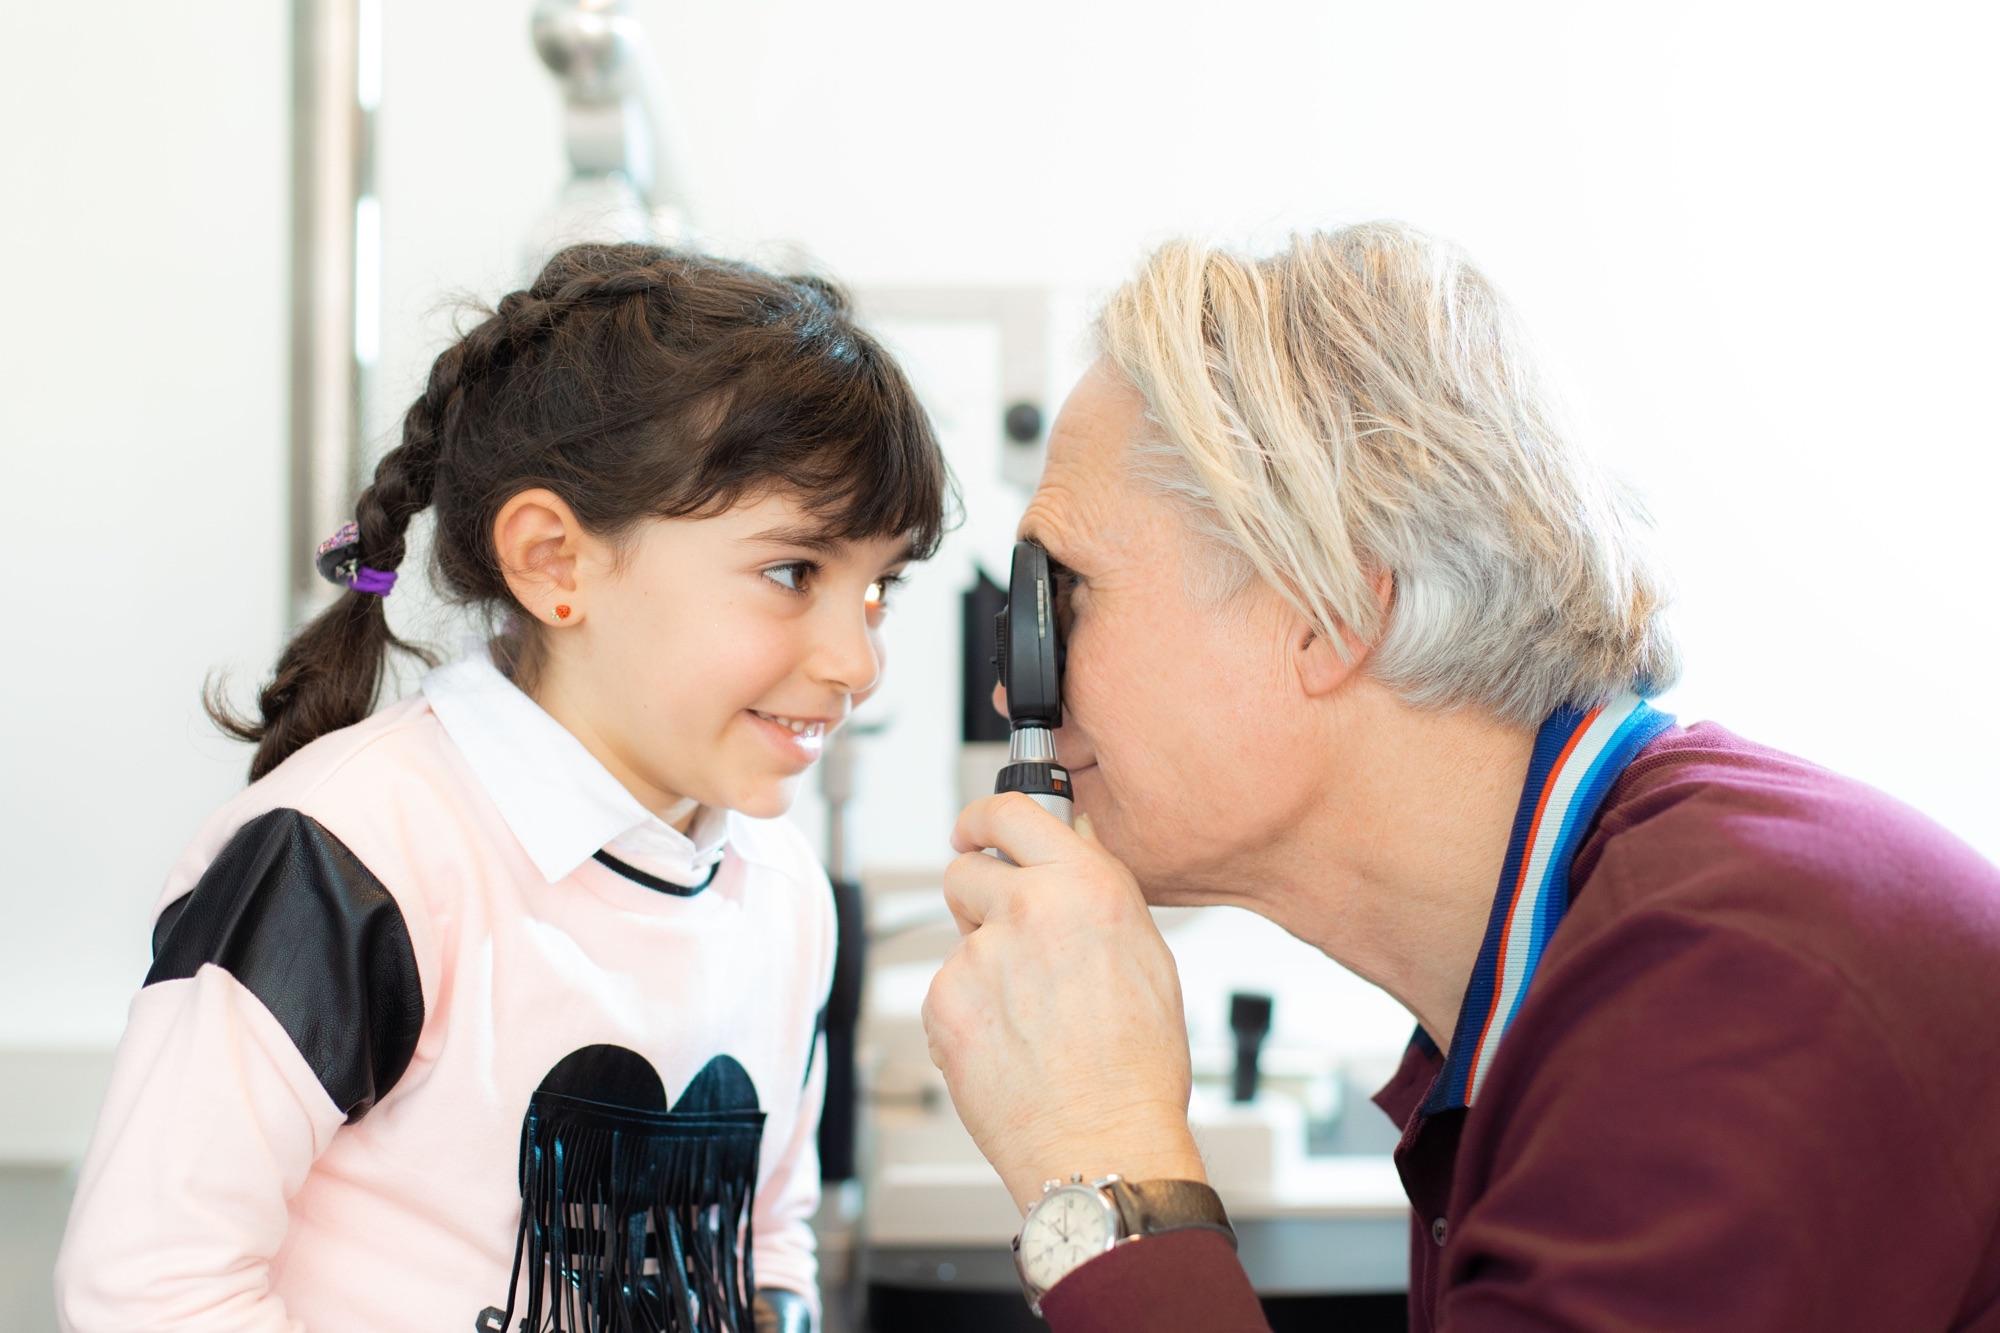 Thomas Müller untersucht die Augen einer jungen Patientin.